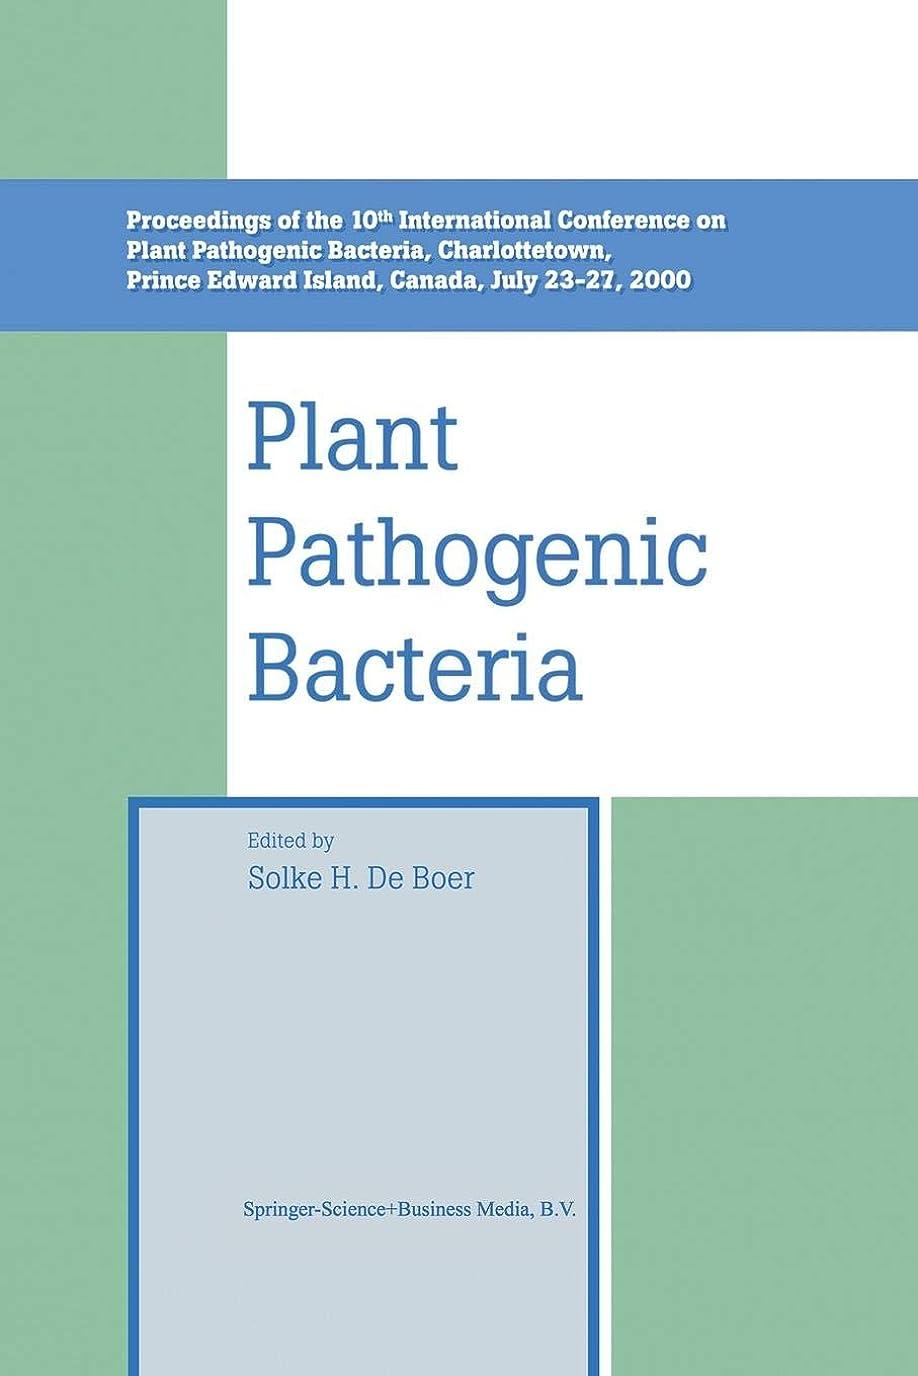 検出お世話になったアプライアンスPlant Pathogenic Bacteria: Proceedings of the 10th International Conference on Plant Pathogenic Bacteria, Charlottetown, Prince Edward Island, Canada, July 23–27, 2000